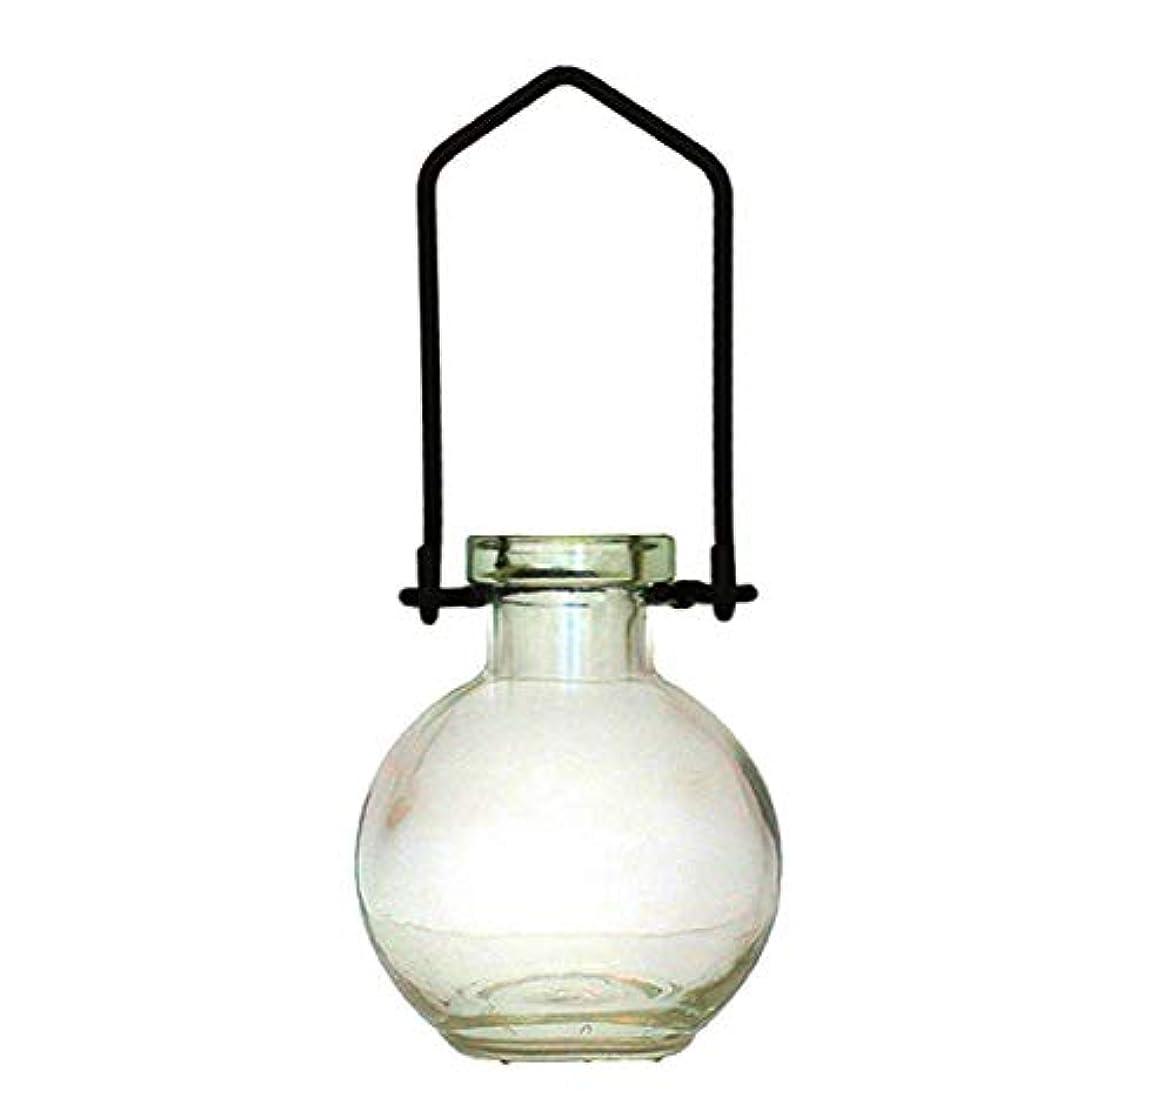 一元化する優雅なあいさつ装飾用吊り下げ花瓶 小型のガラスボトル 寮の飾り カラフルなお香立て 壁掛け装飾 ロマンチックな装飾 クリア G268VF